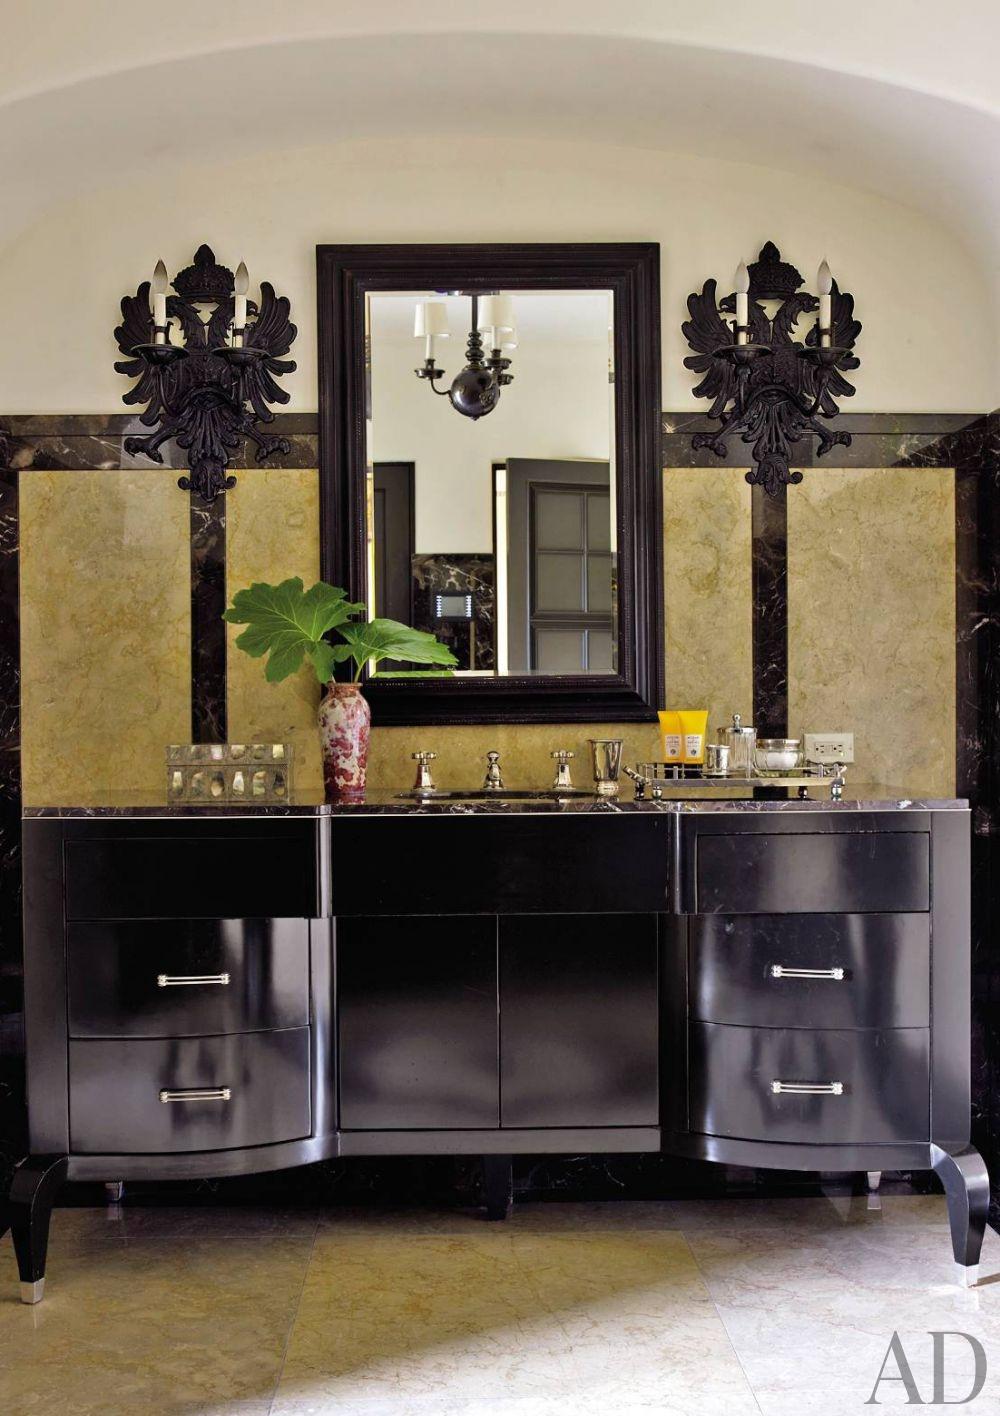 Madeline bathroom vanity - Traditional Bathroom Madeline Stuart Associates Los Angeles 201104